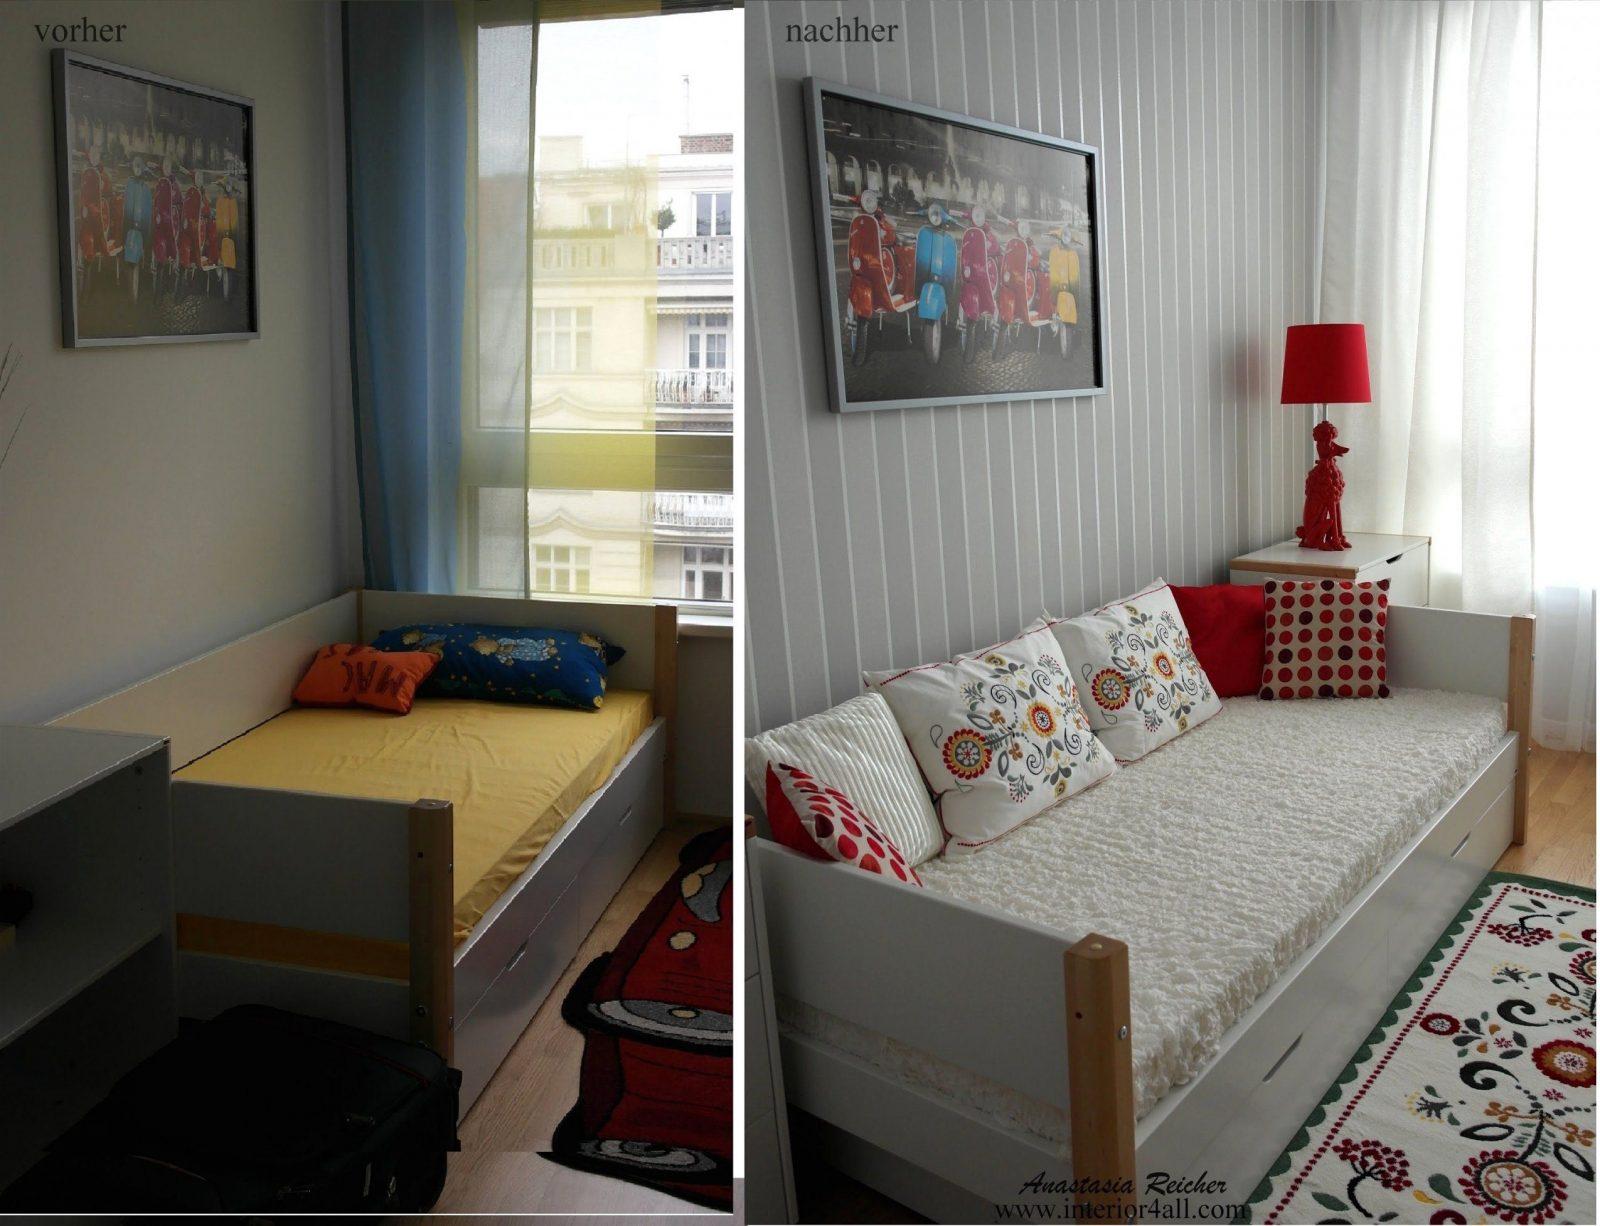 Charmant 6 Qm Zimmer Einrichten Bilder  Die Kinderzimmer Design von 13 Qm Zimmer Einrichten Bild